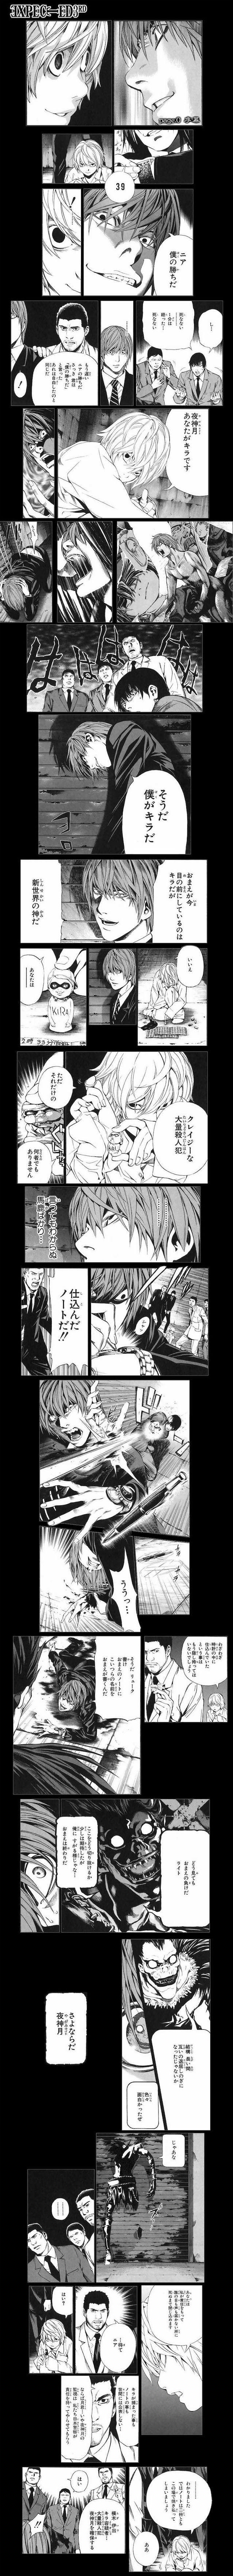 漫画:デスノート -EXPECTED 3rd- [おもしろ]1